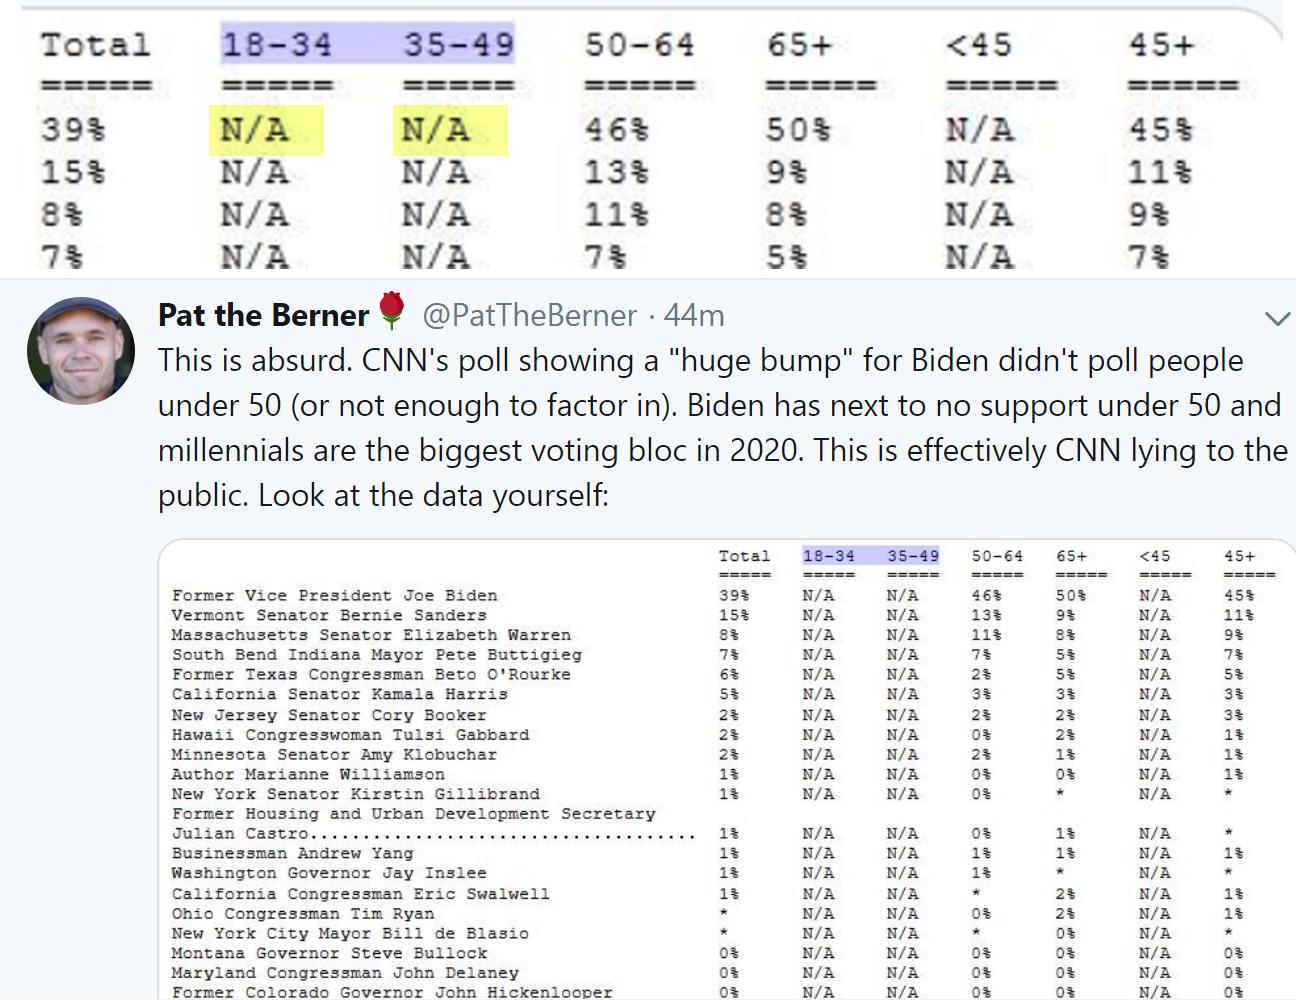 CNN-RIGGED-POLL-UNDER-20 copy